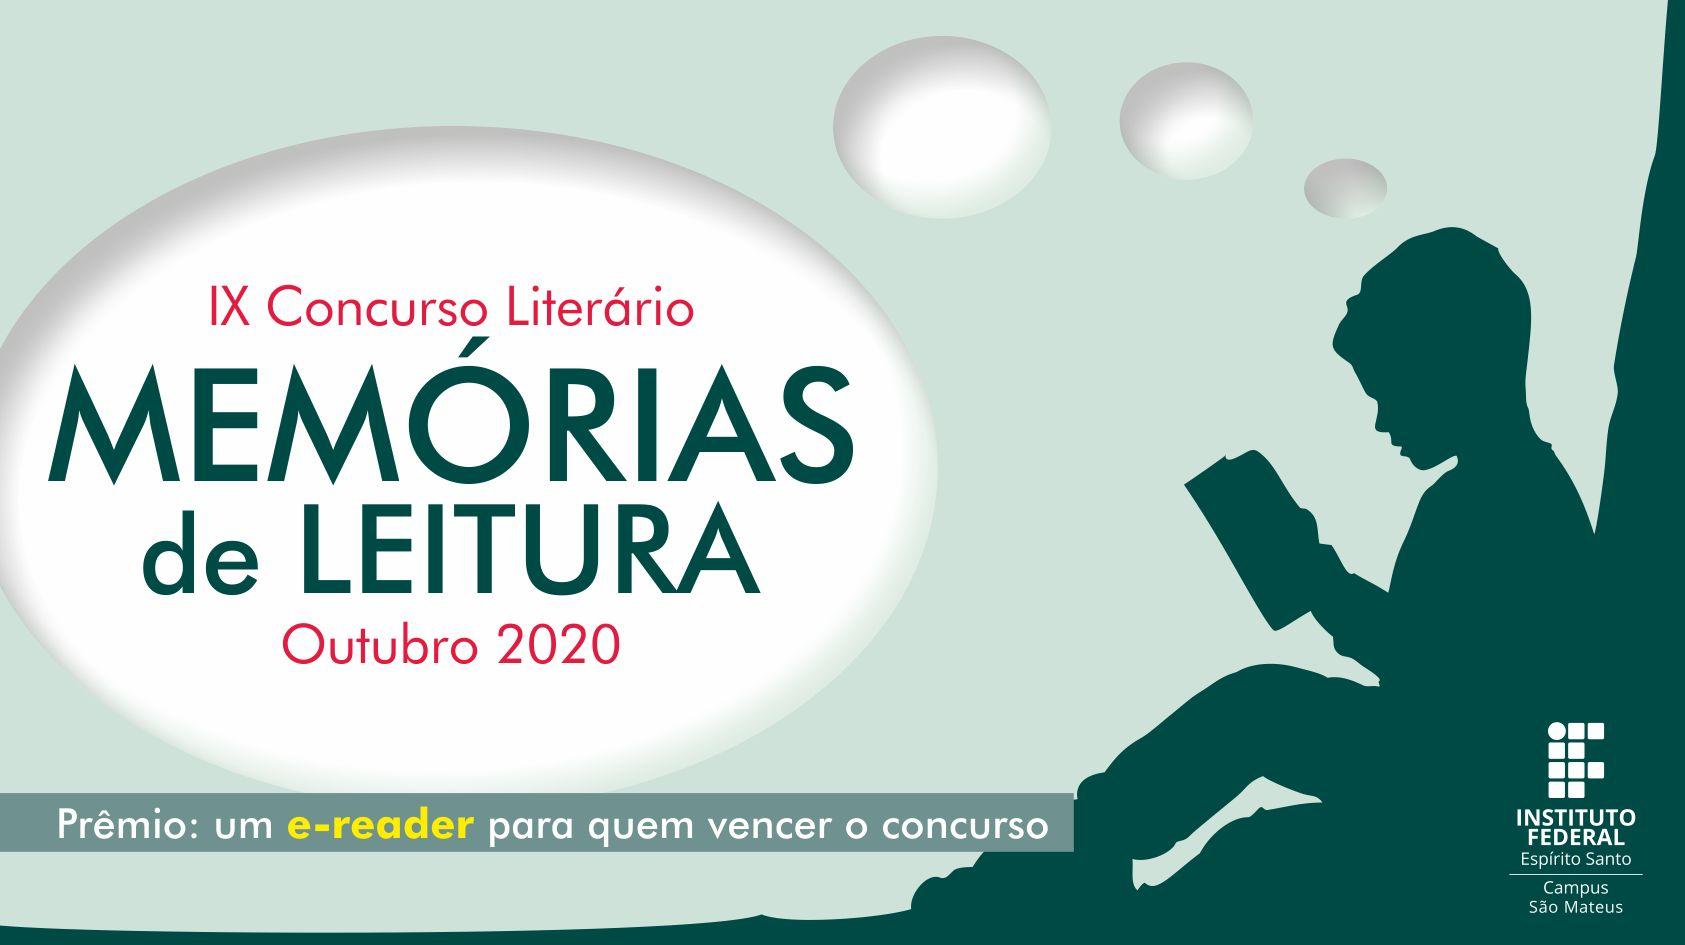 IX Concurso Literário do Campus São Mateus: Memórias de leituras